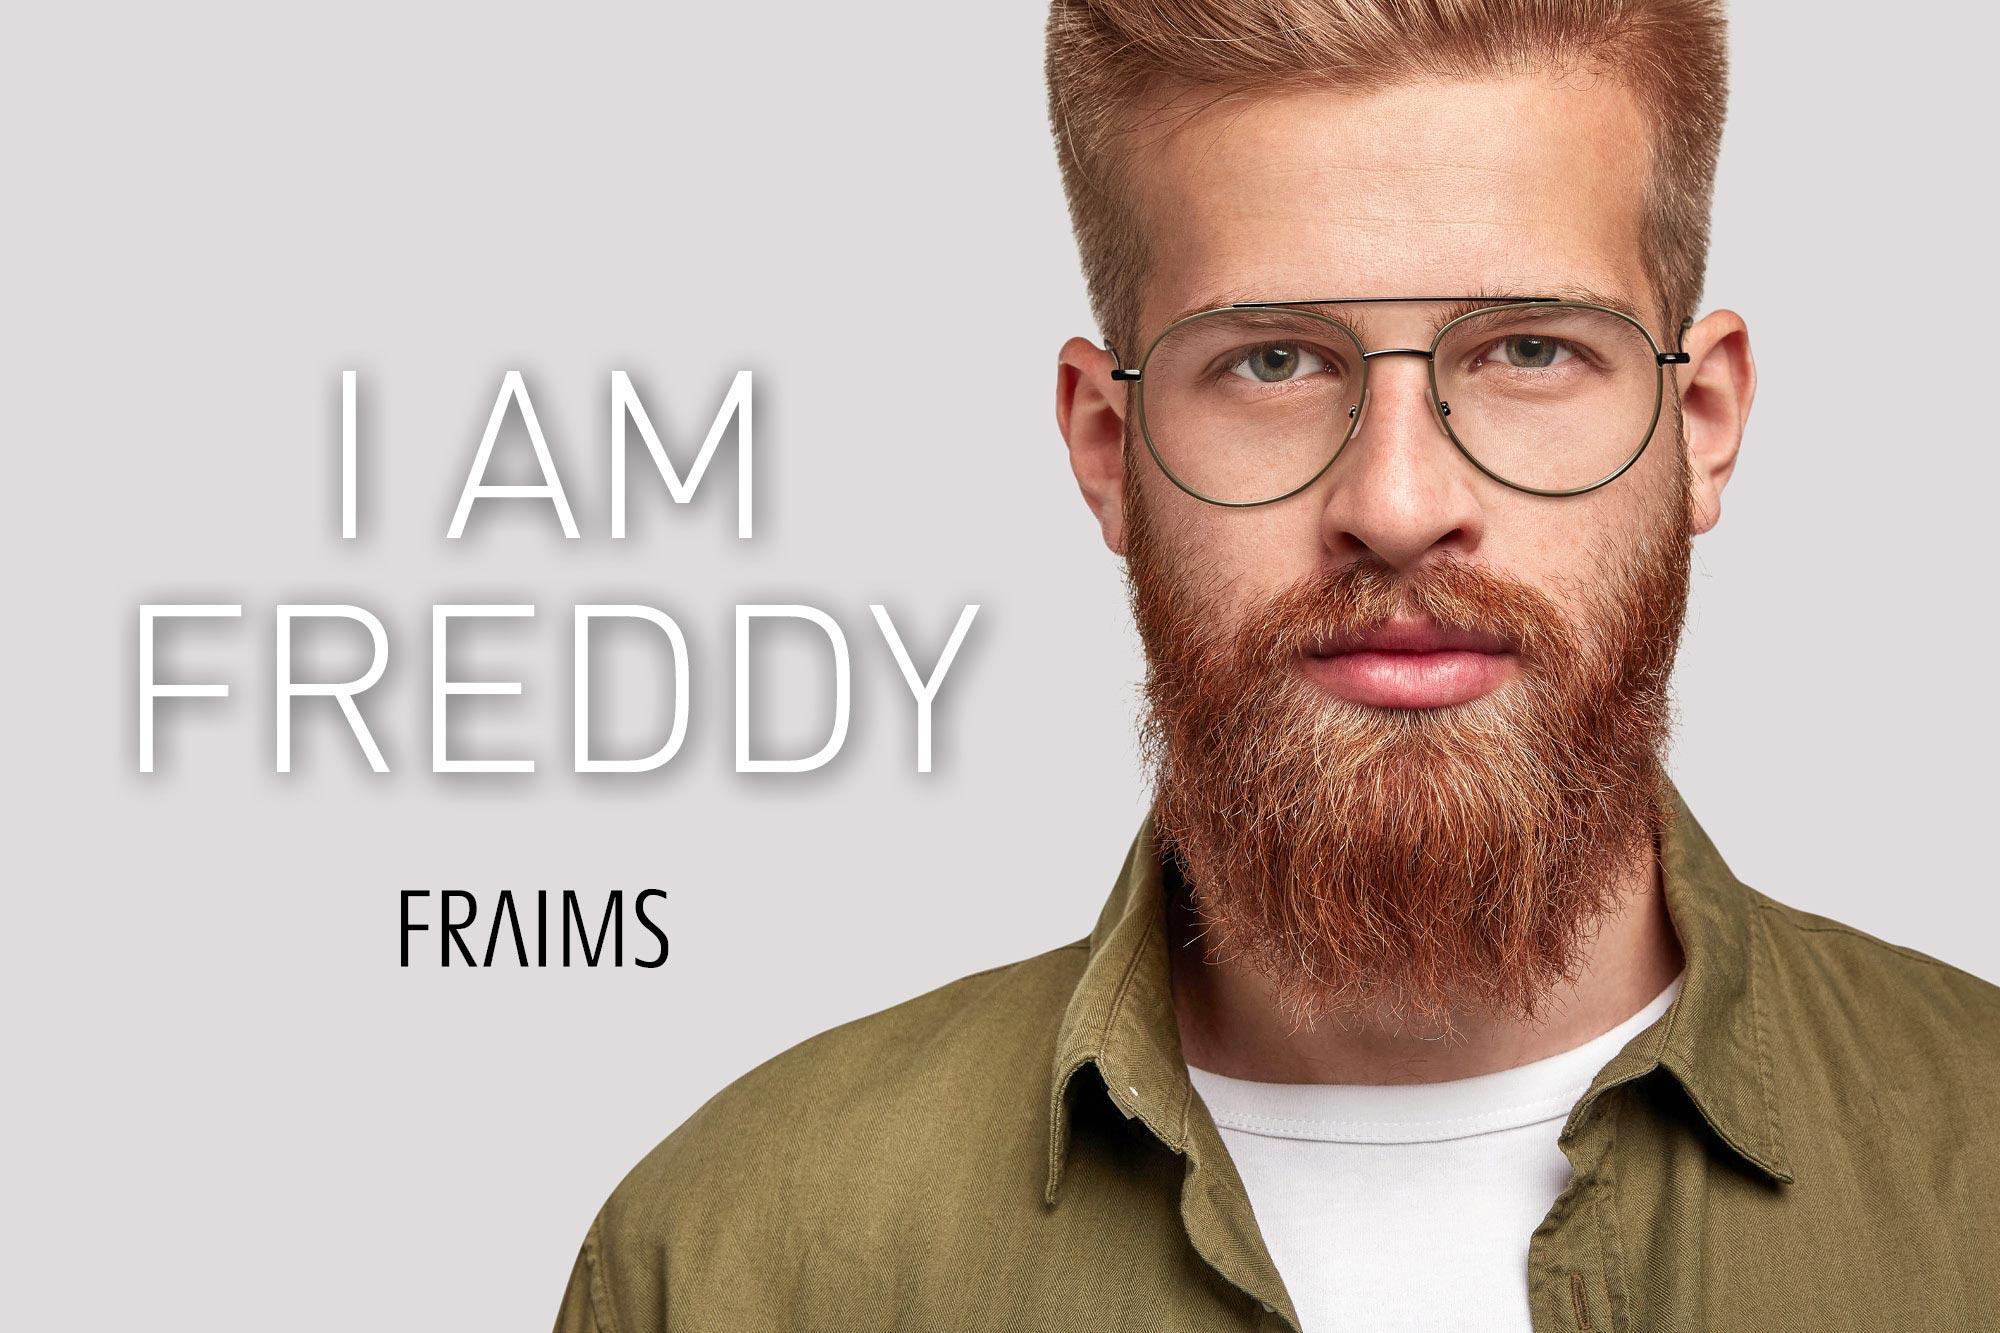 fraims